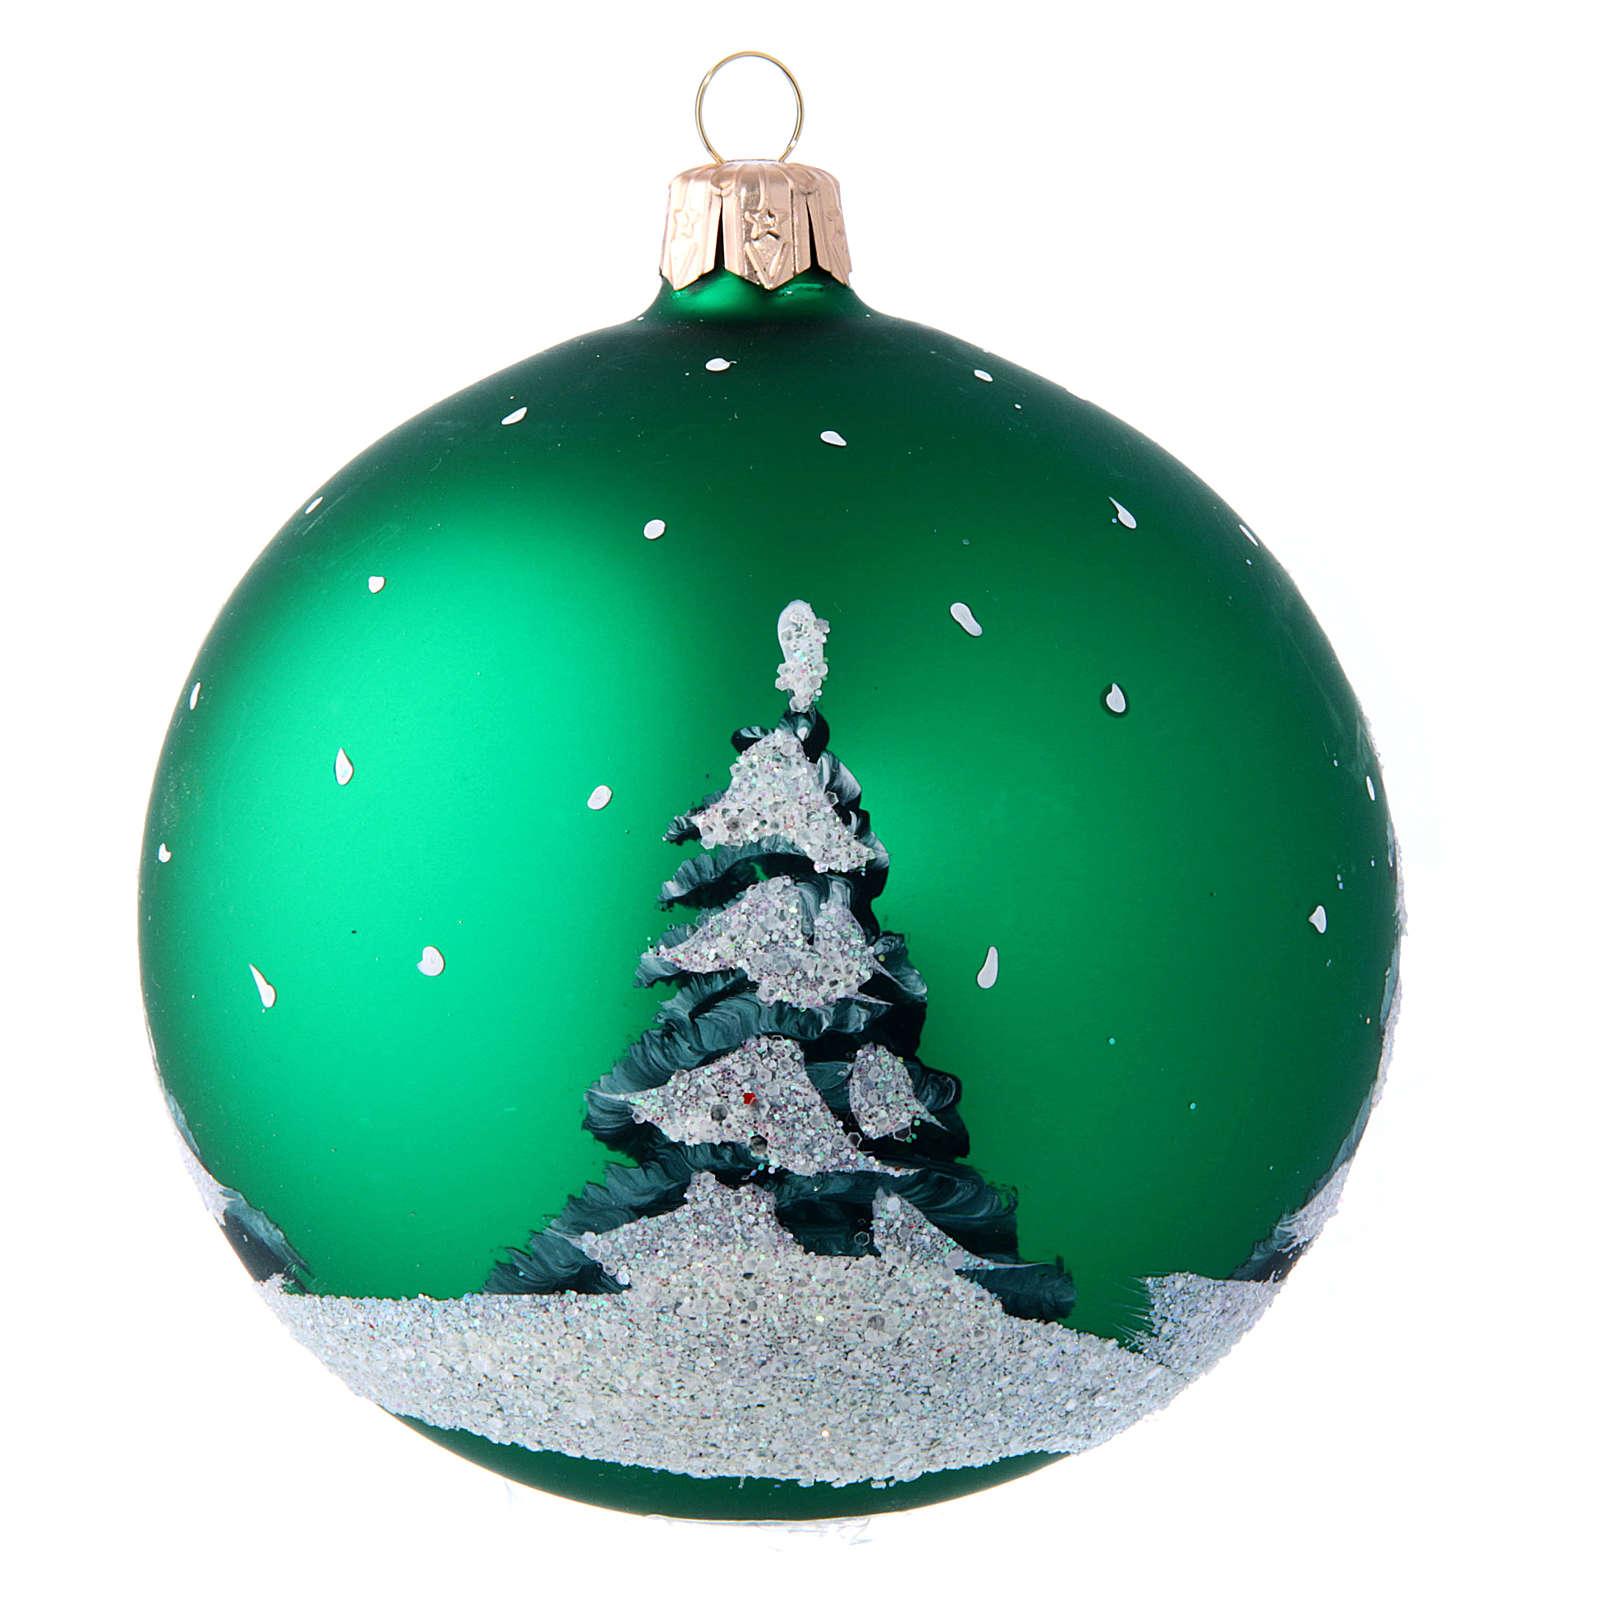 Weihnachtsbaumkugel aus mundgeblasenem Glas Motiv Schneemann und Kinder 100 mm 4